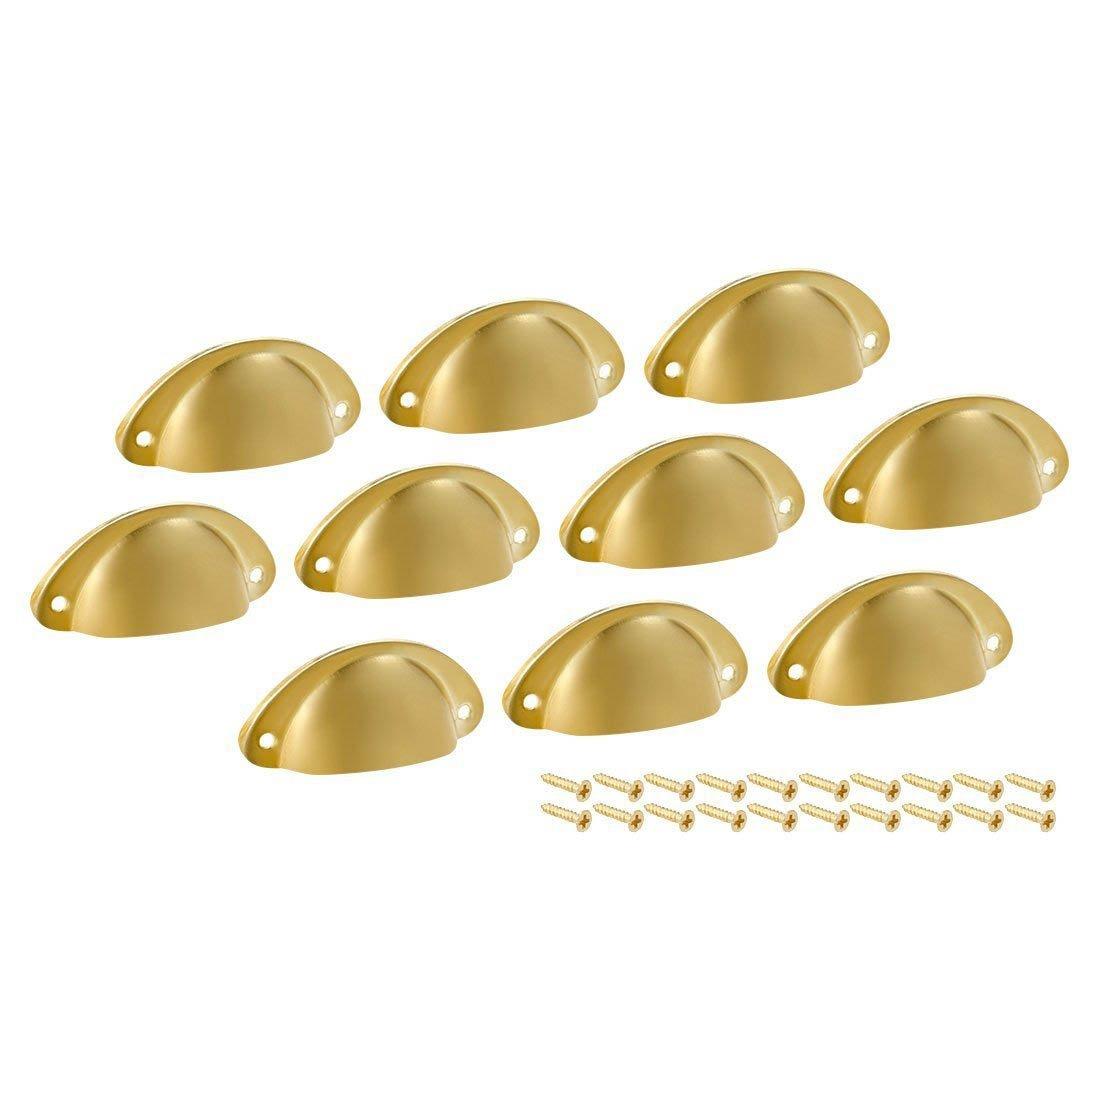 SODIAL Gabinete de cocina Copa cajon tire la manija dorado, centros de agujero de 66mm, paquete de 10